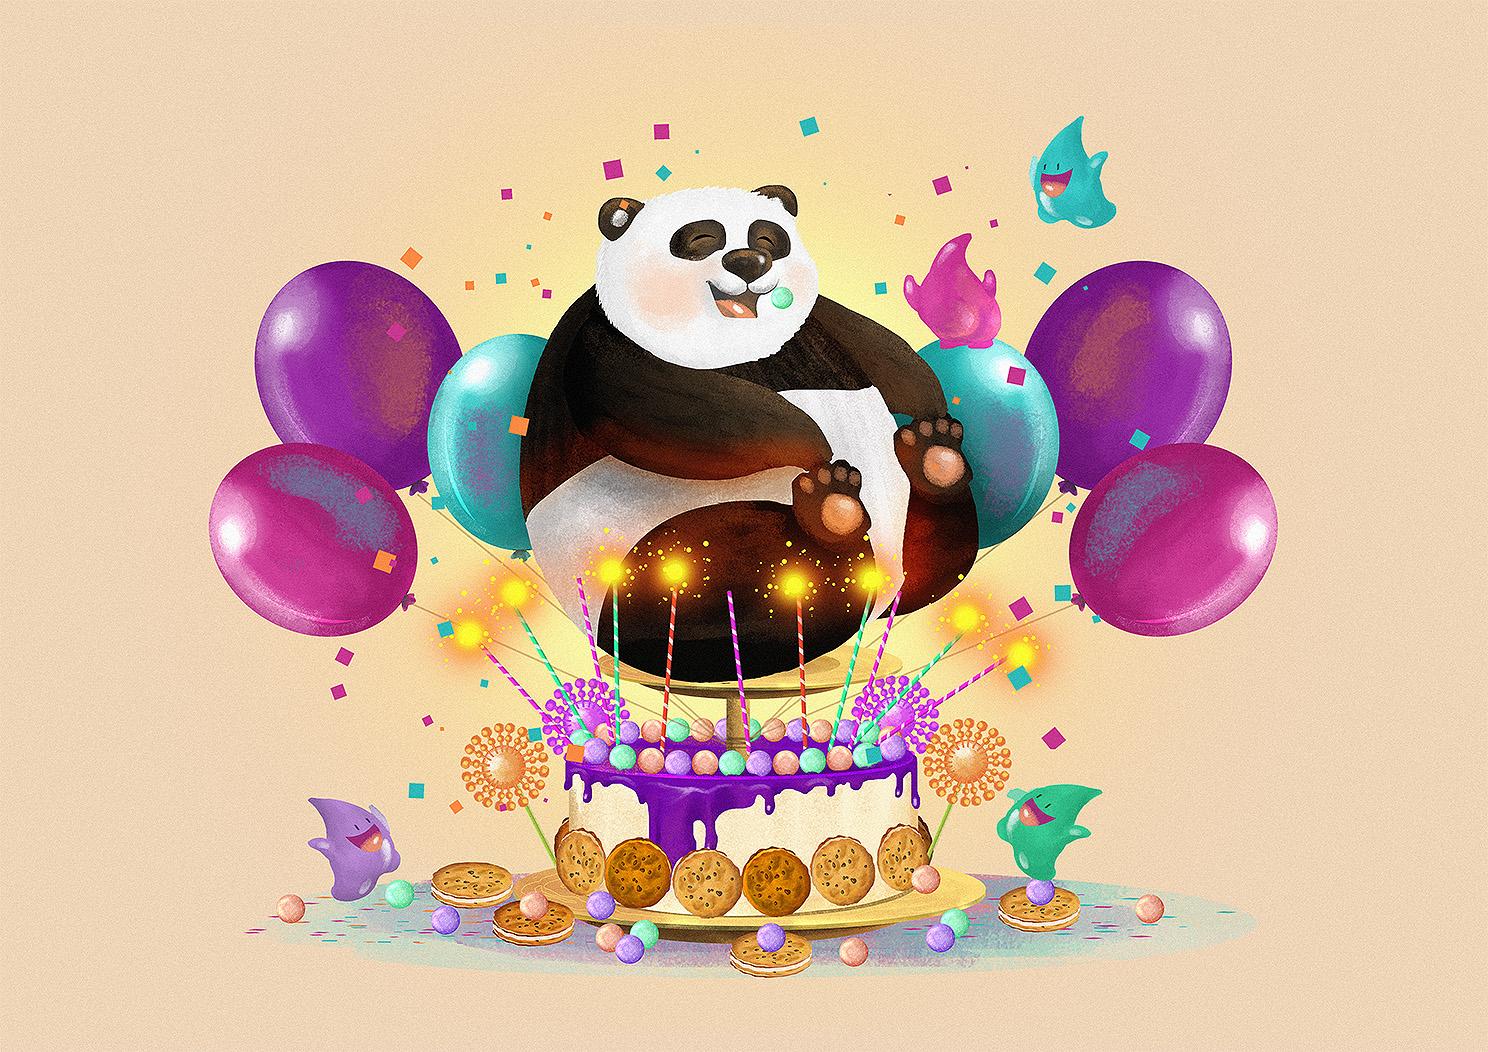 поздравительные открытки с пандами на день рождения самых ближних, относительно